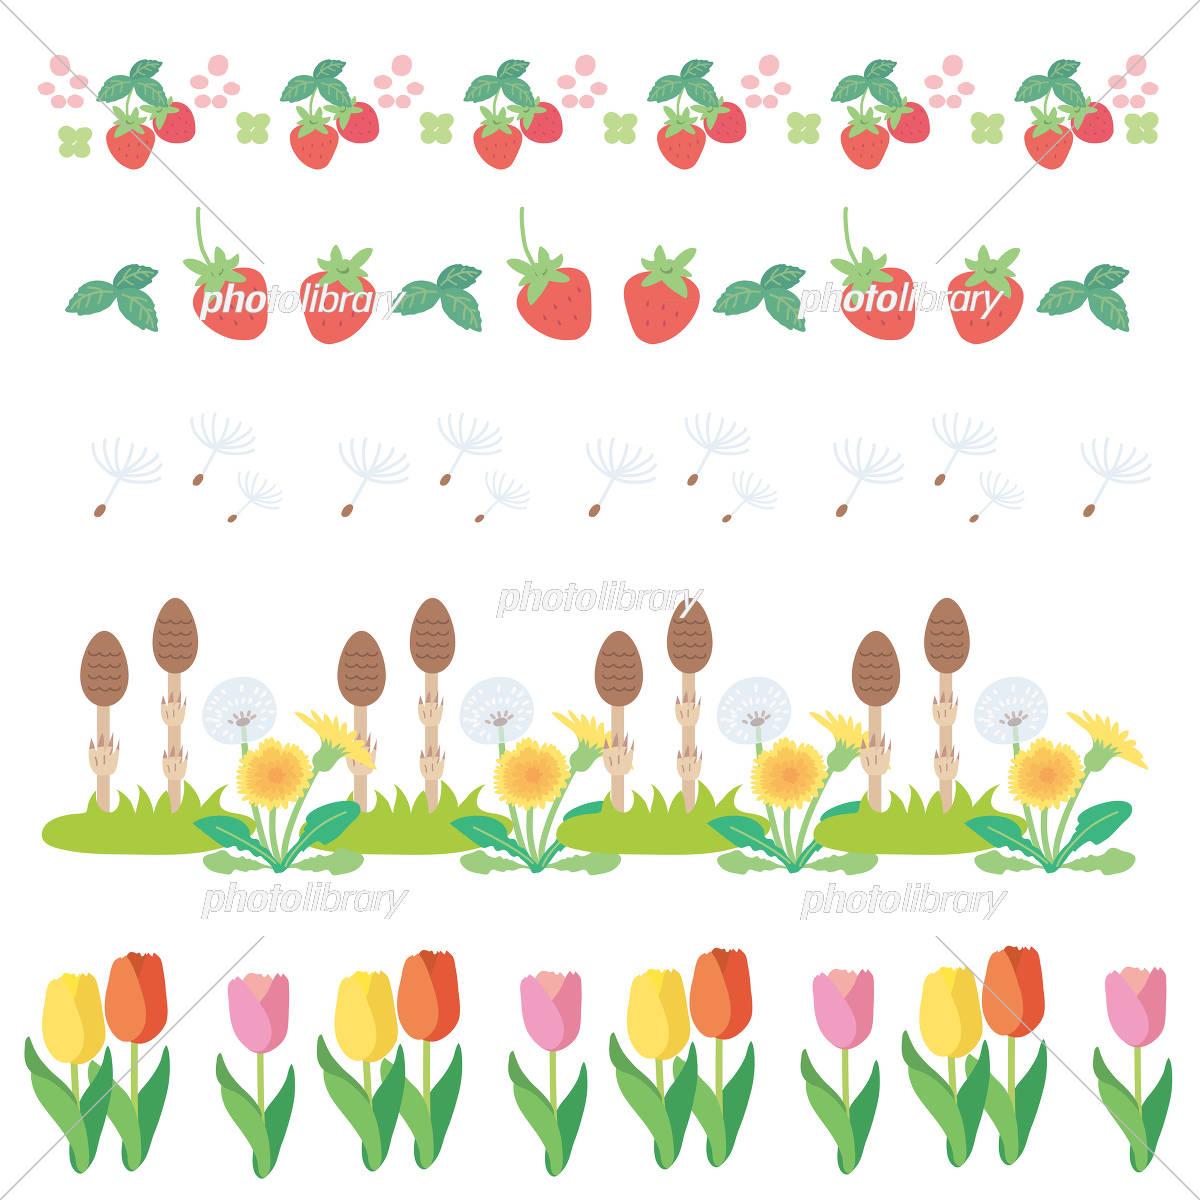 春 イラスト セット イラスト素材 [ 5370034 ] - フォトライブラリー